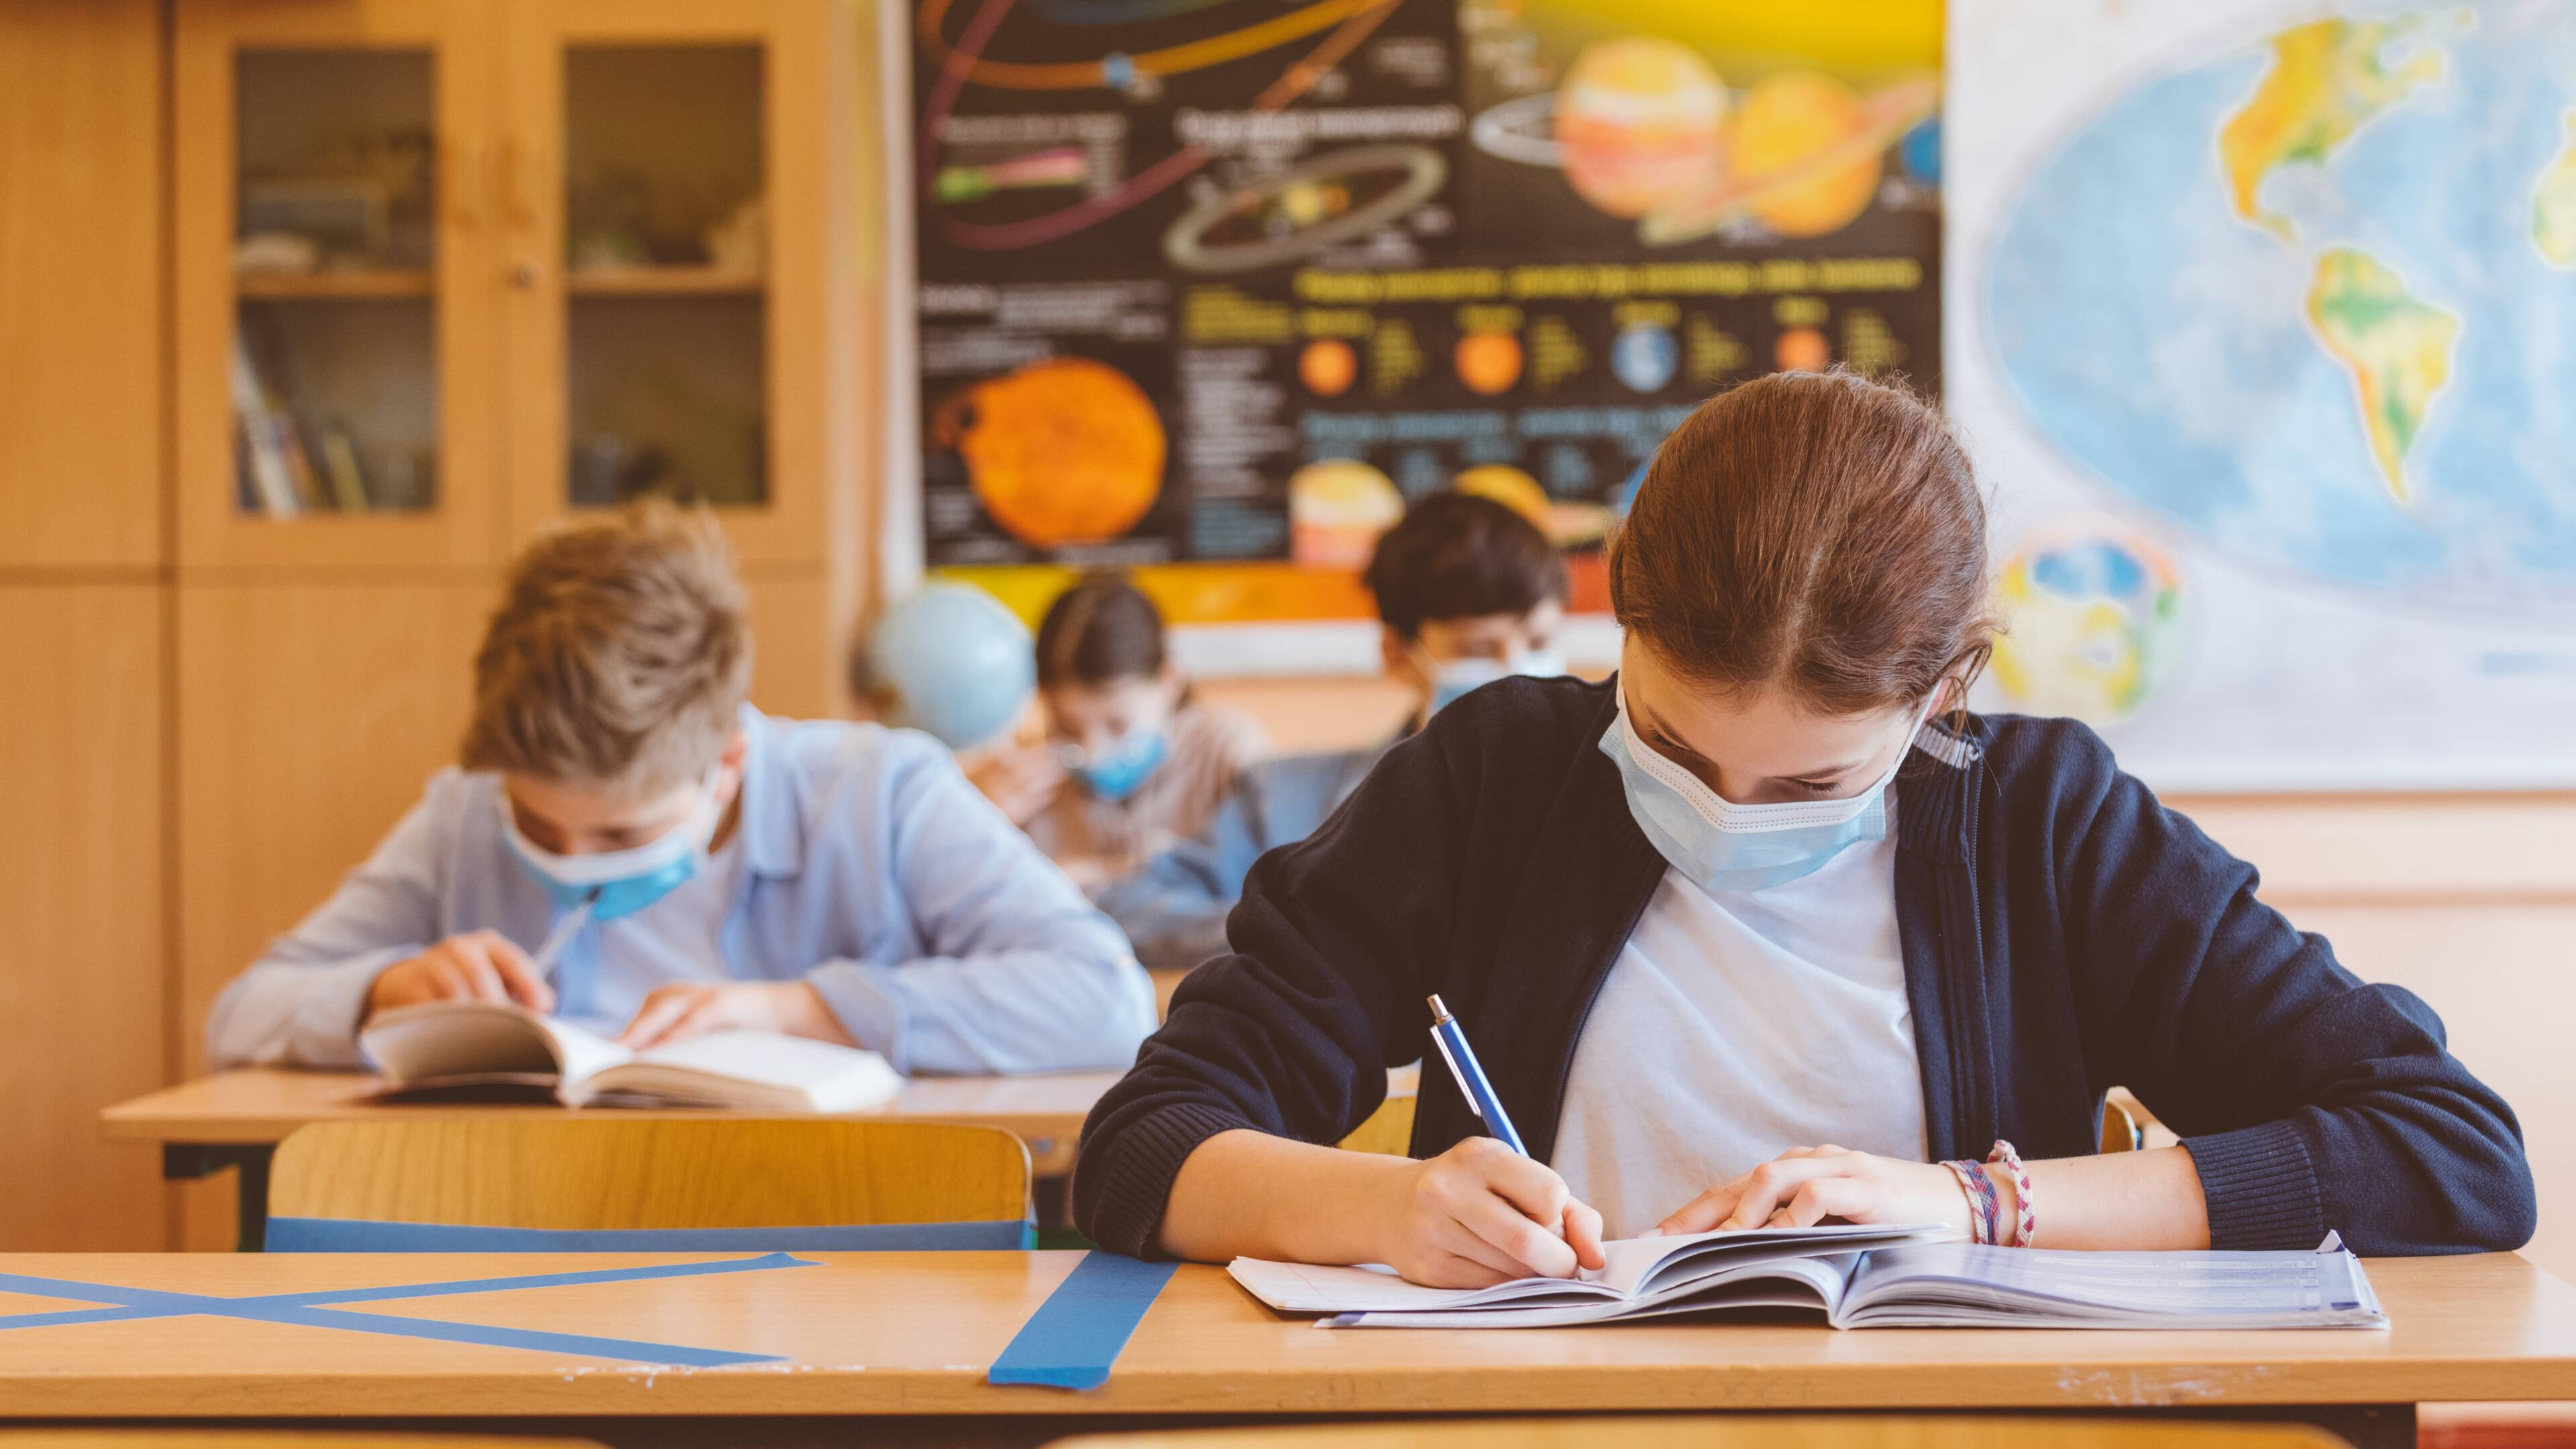 La UGR participa en un proyecto europeo destinado a mejorar la enseñanza bilingüe en la educación primaria